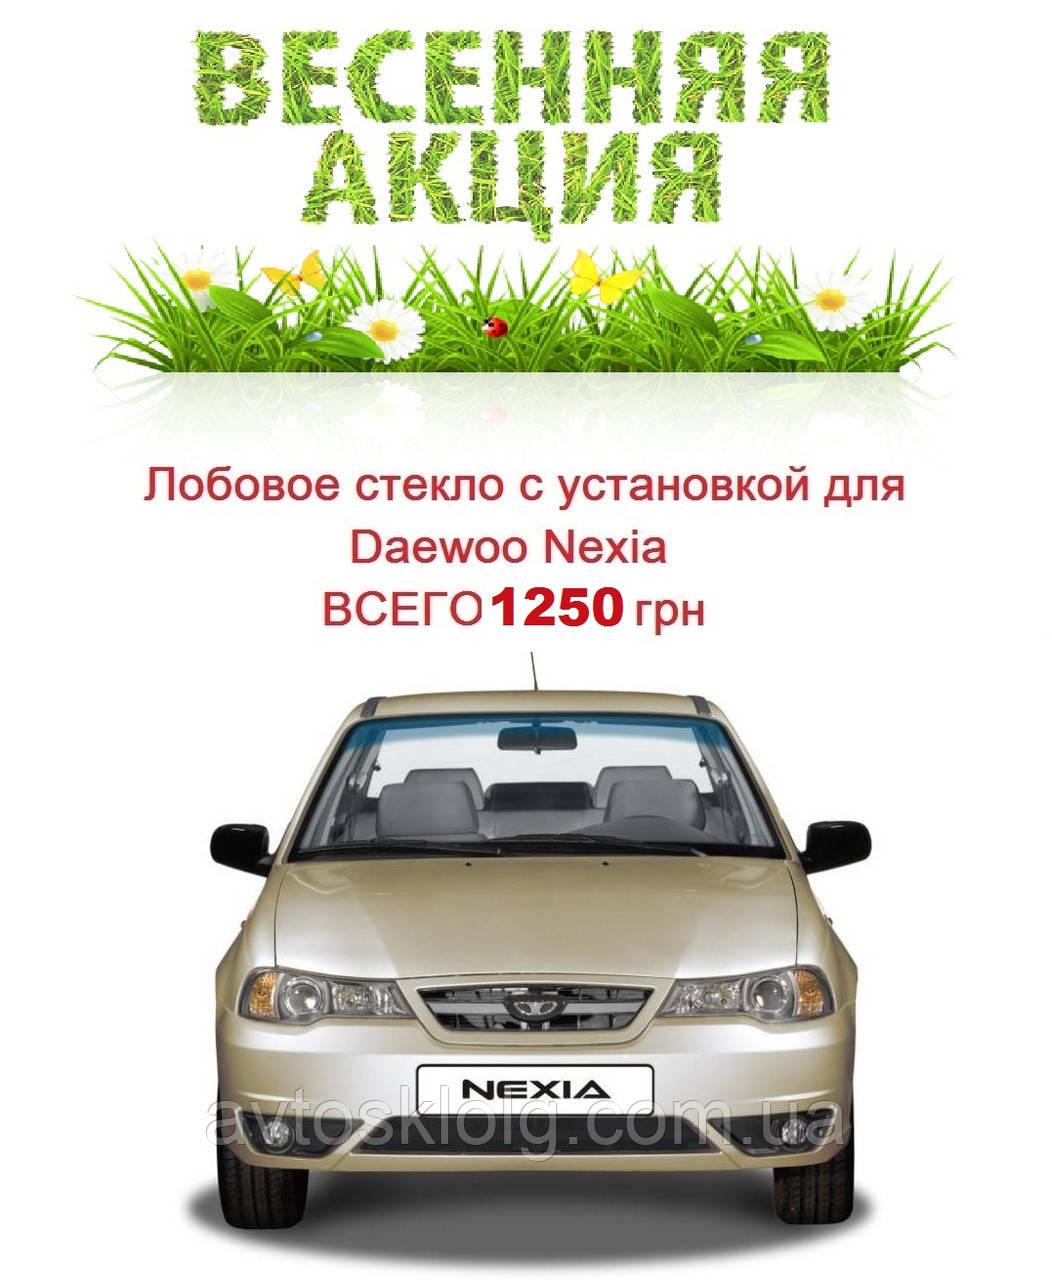 Акция!!! Стекло лобовое с установкой для Daewoo Nexia (Седан, Хетчбек) (1995-)